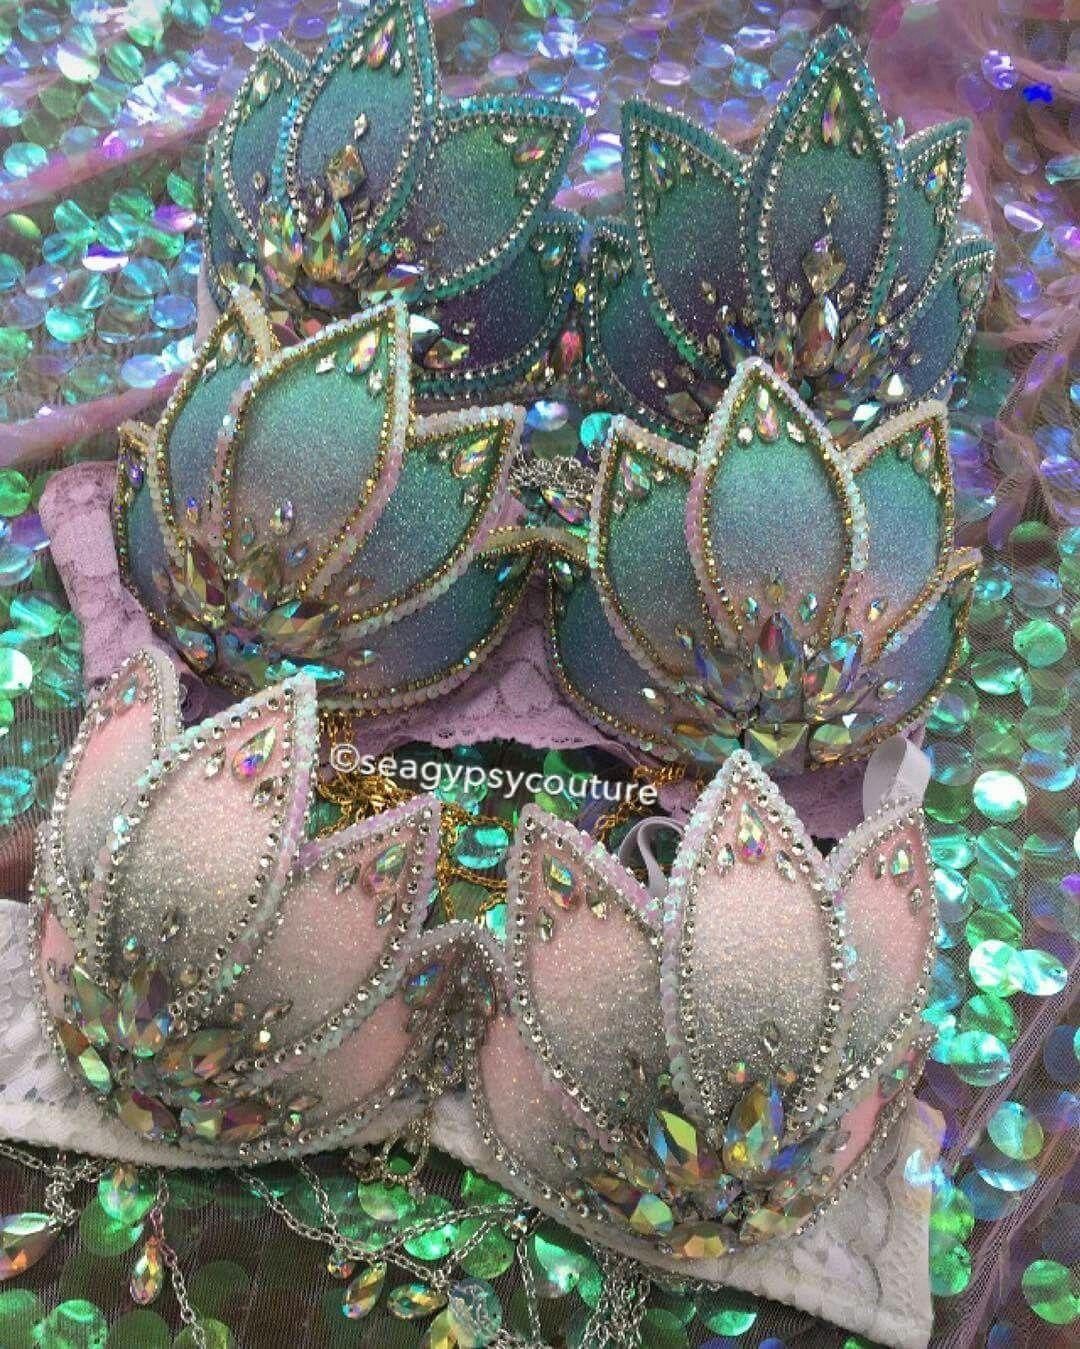 ddc7e3287b03f If we ever need Lotus blossom bras.